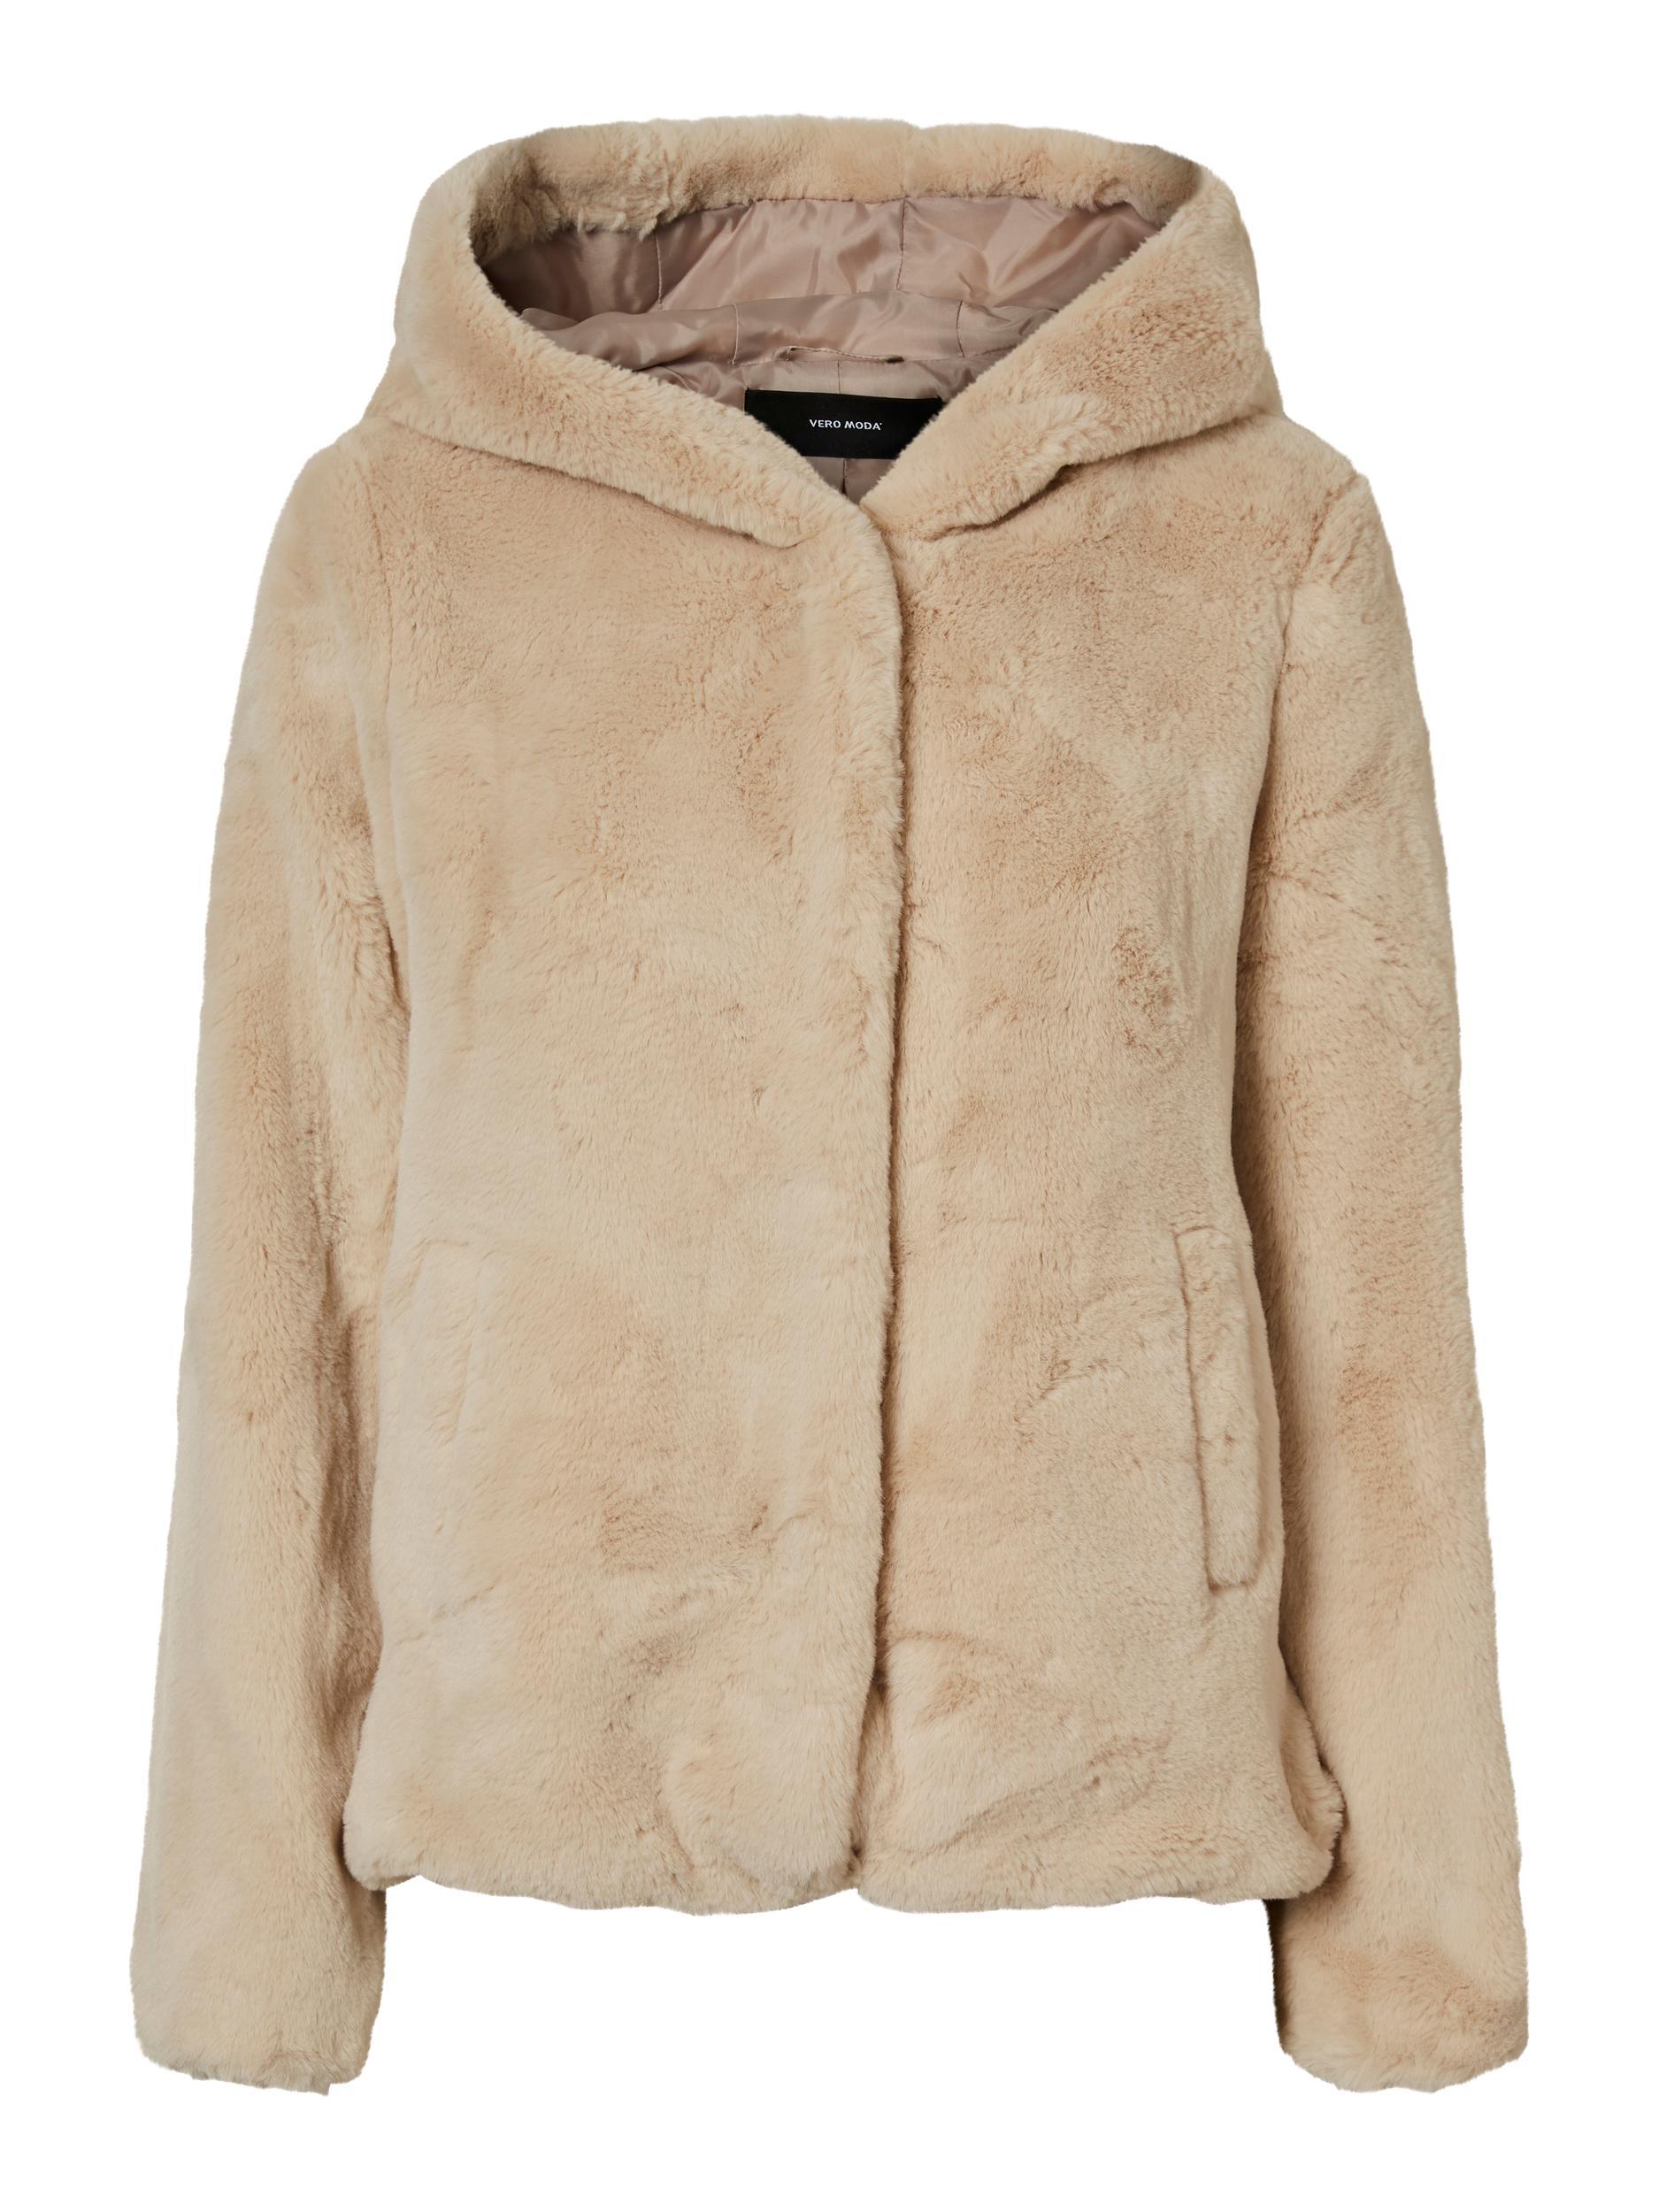 Vero Moda dámský kožešinový kabátek Iben béžový